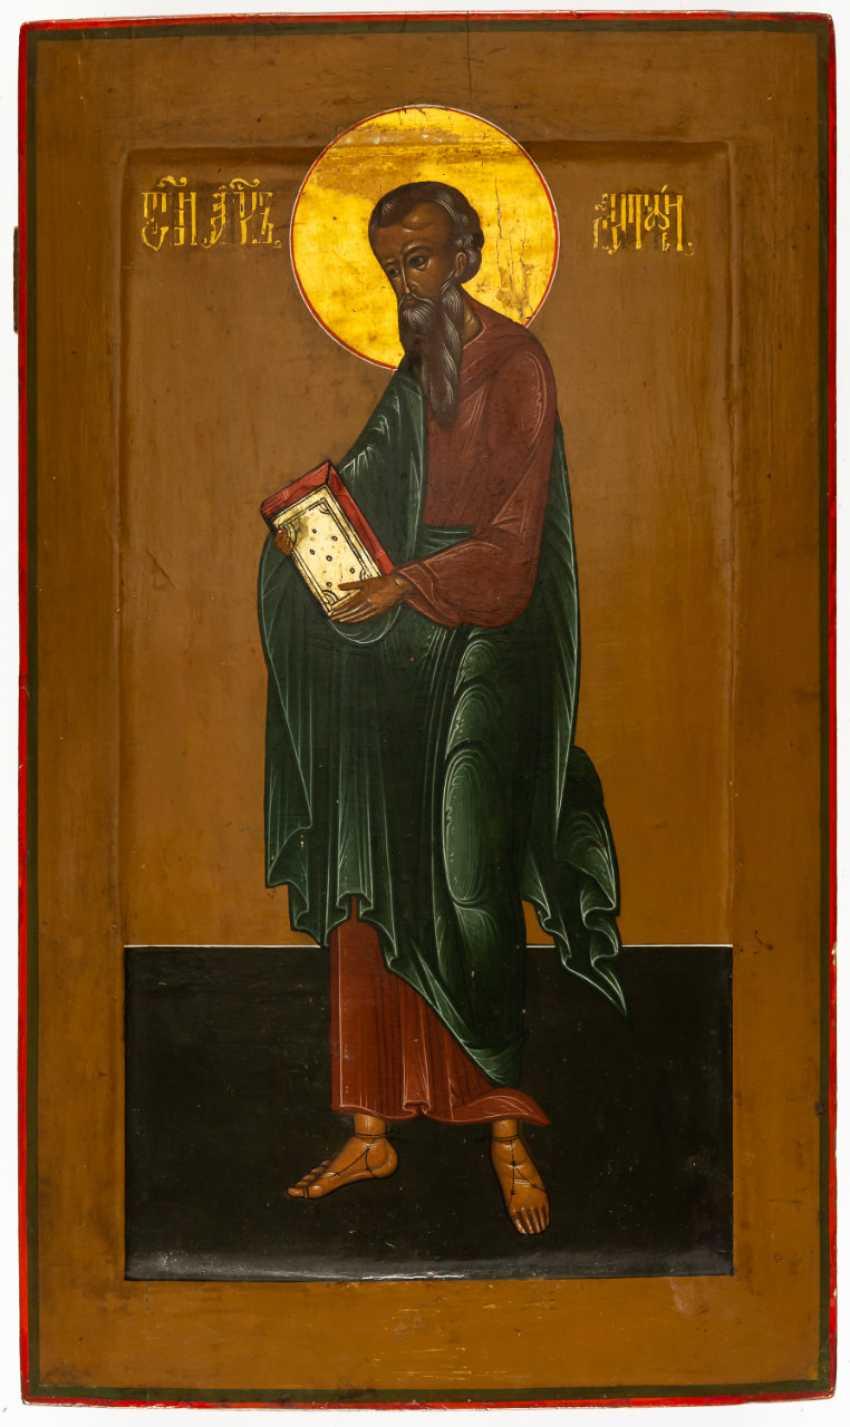 HL. EVANGELIST MATTHEW - photo 1